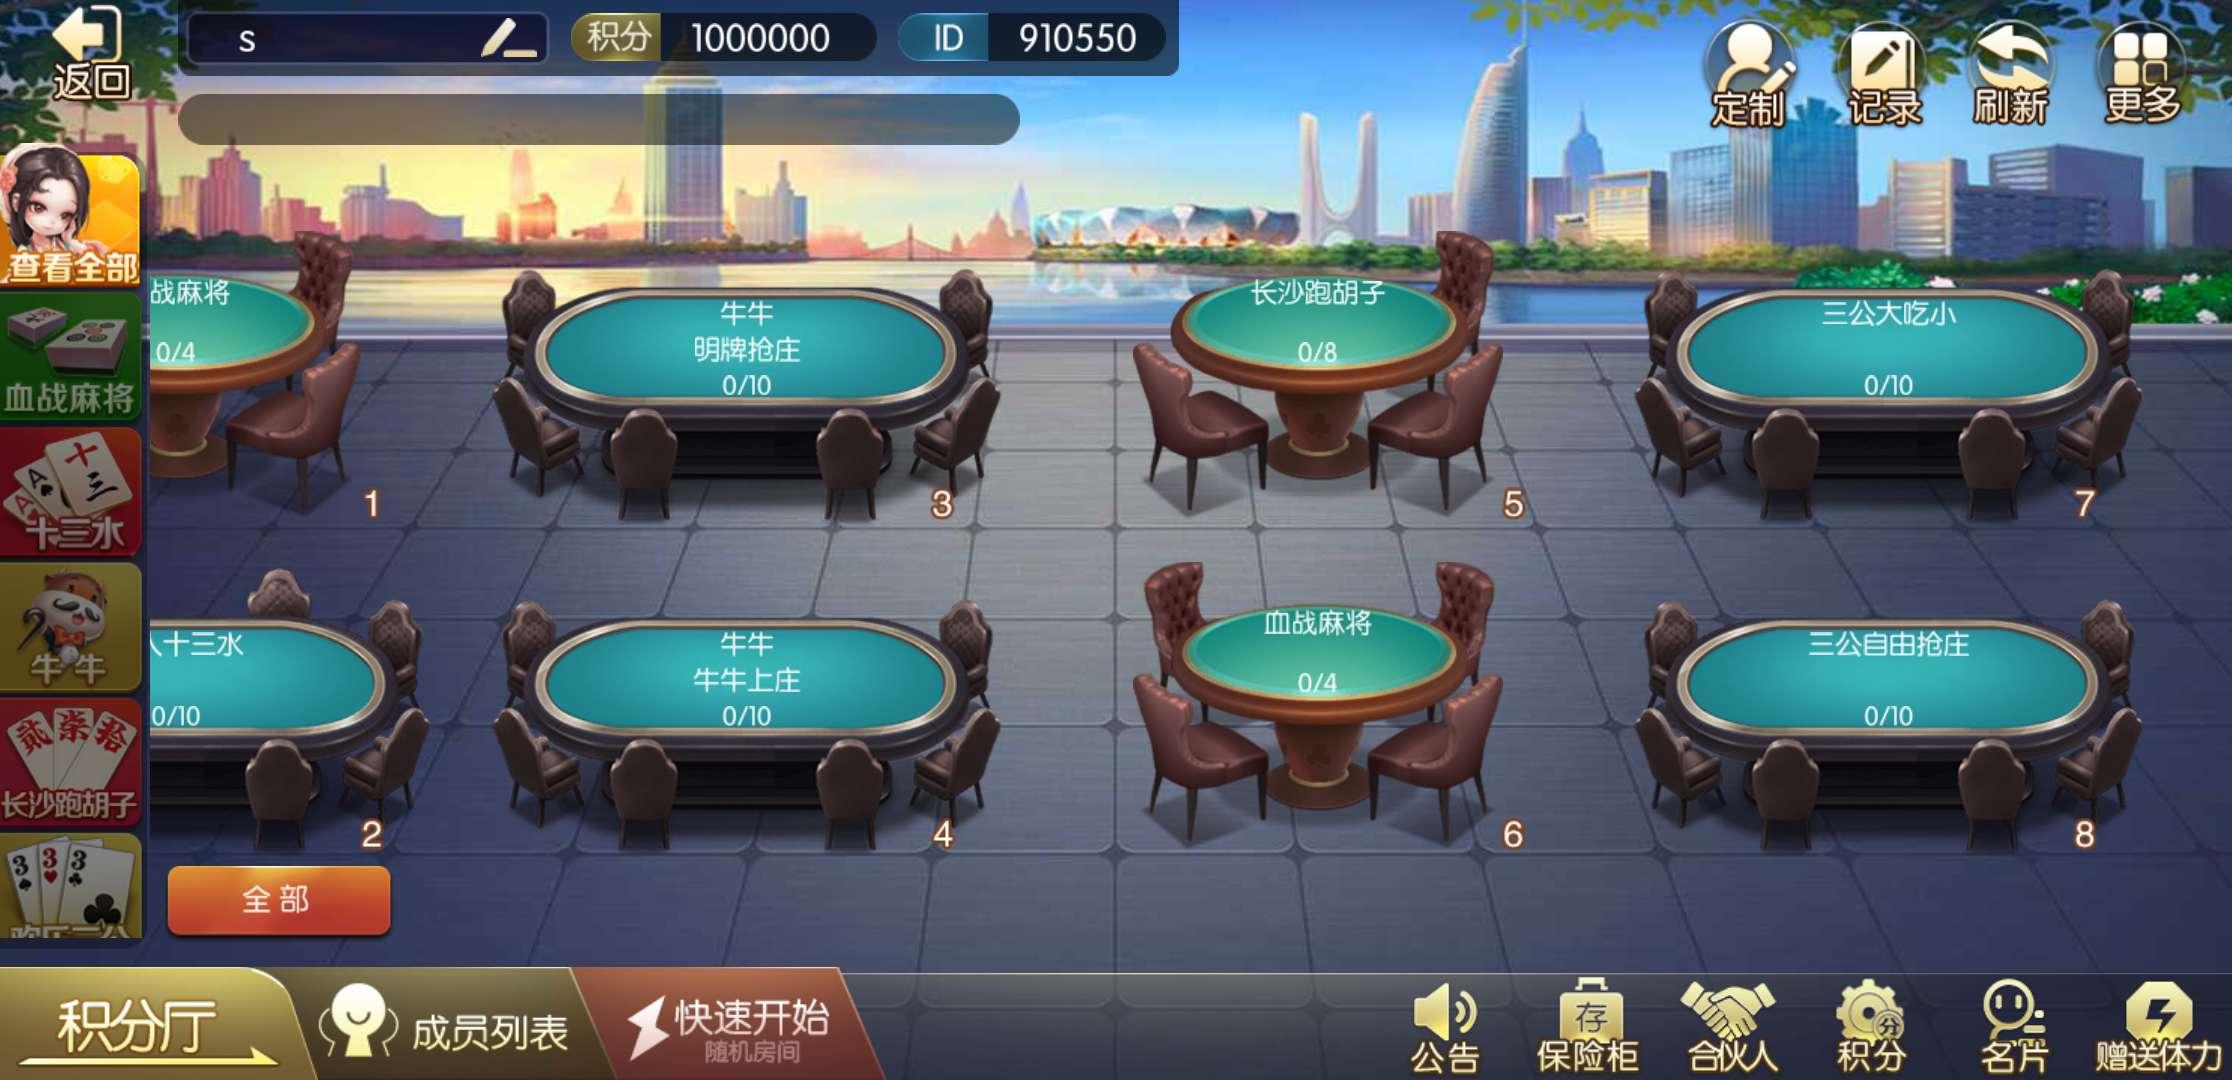 重庆棋牌游戏开发定制,棋牌游戏定制公司开发